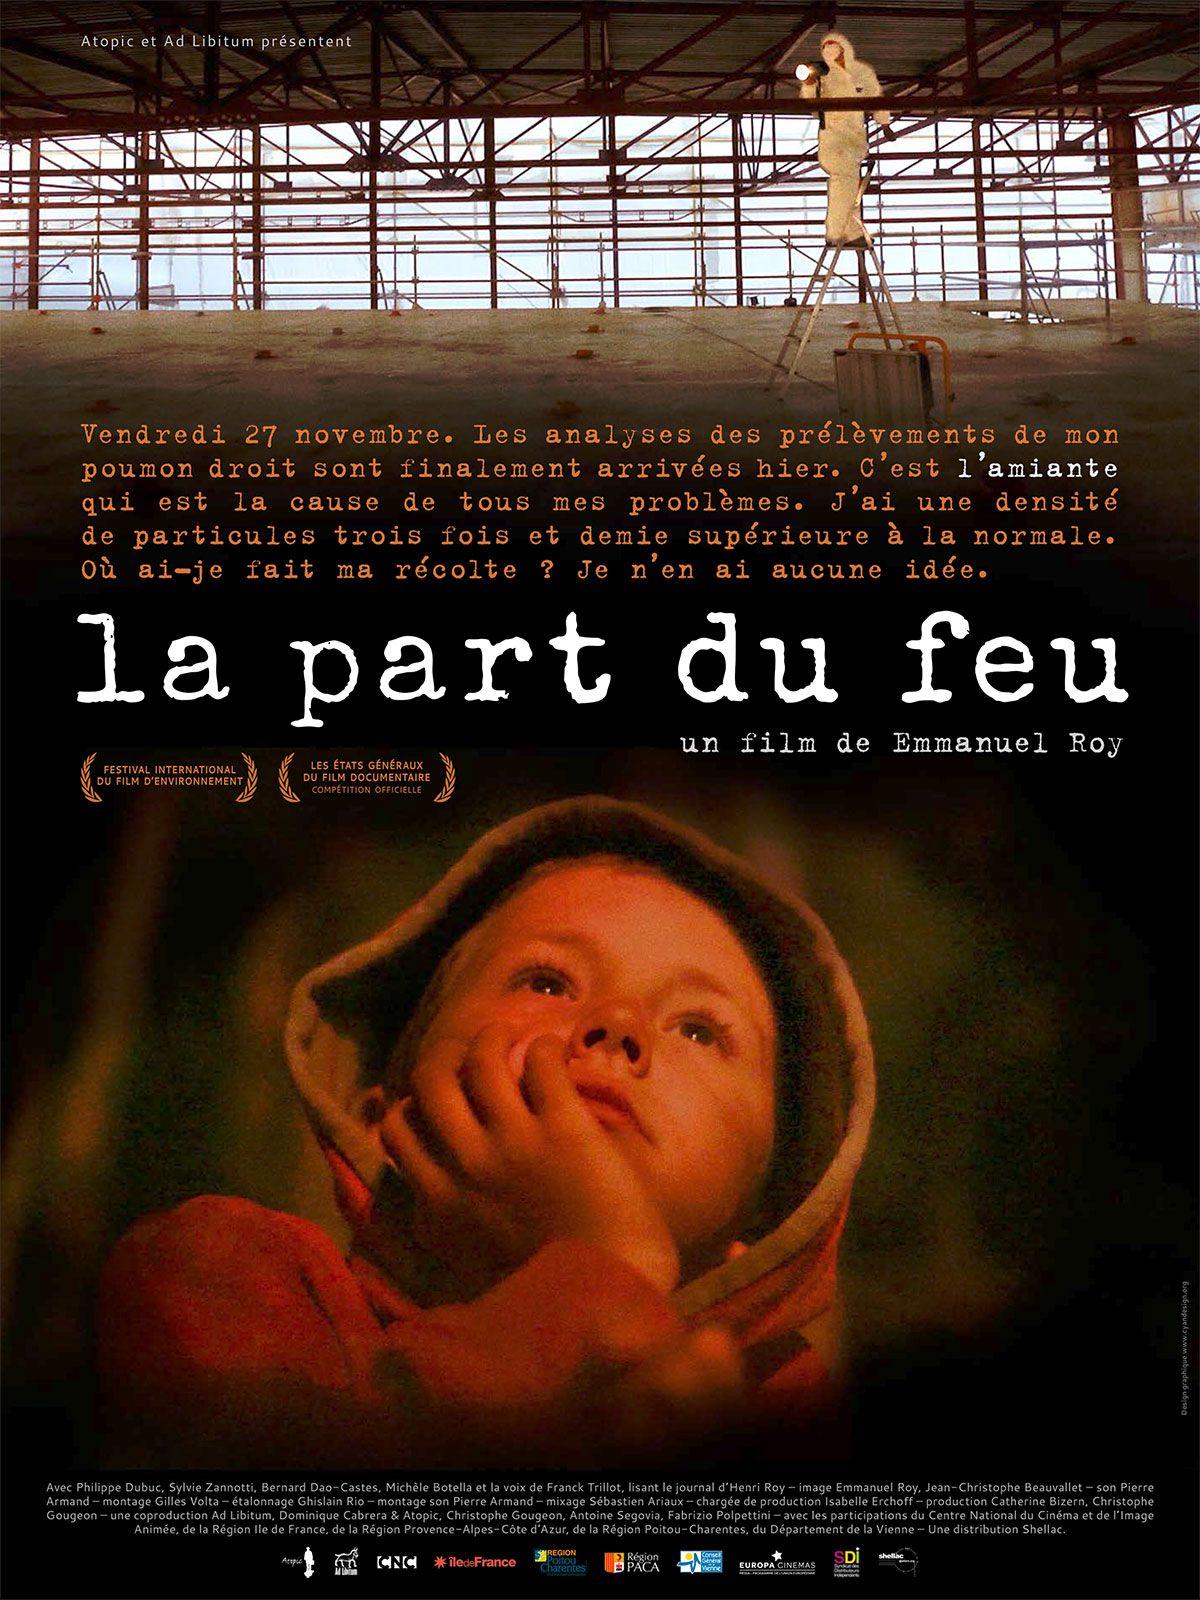 La Part du Feu - Documentaire (2013)